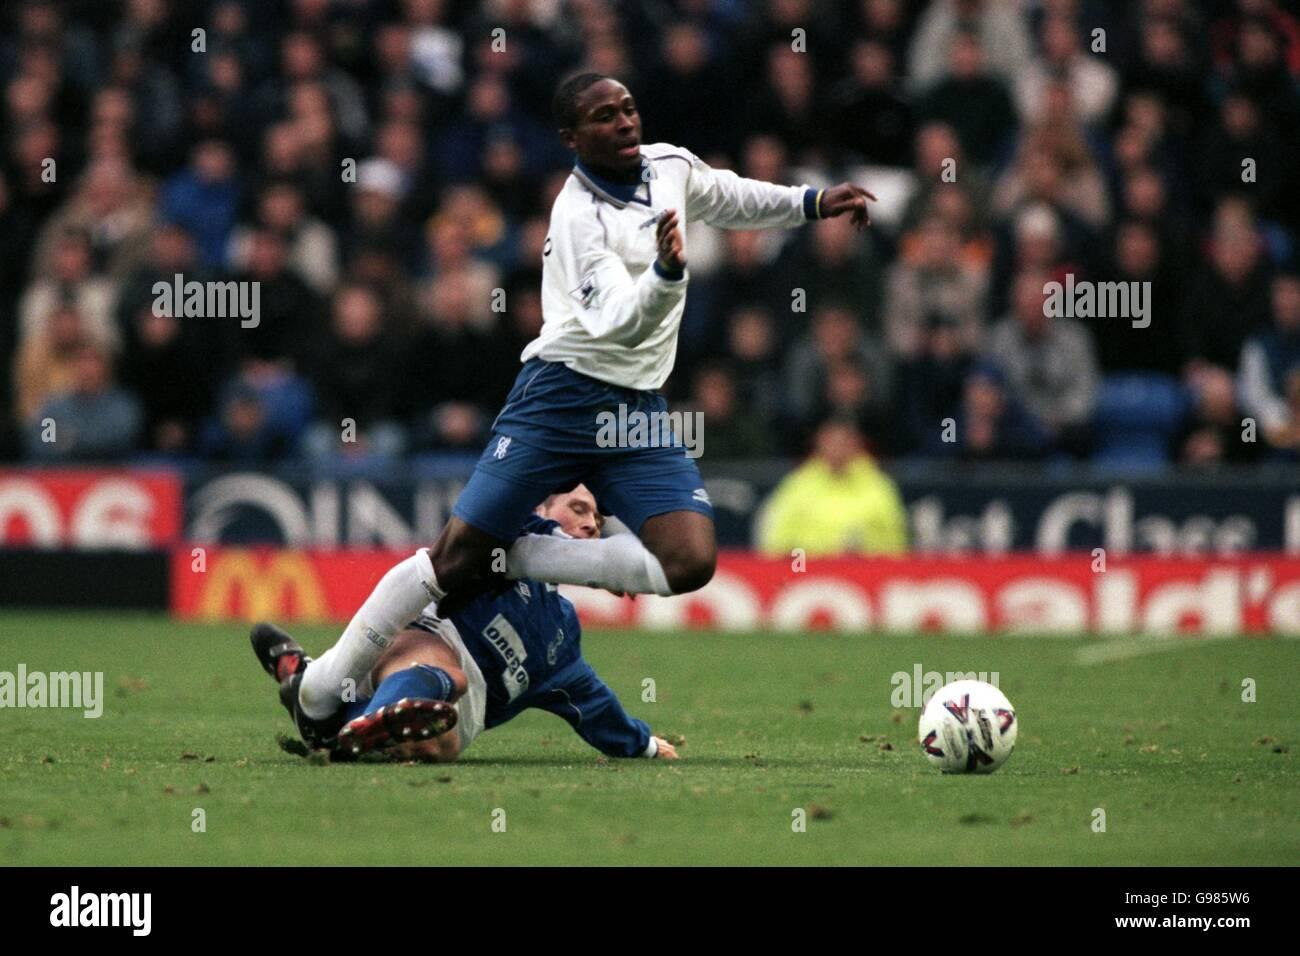 Soccer - FA Carling Premiership - Everton v Chelsea - Stock Image